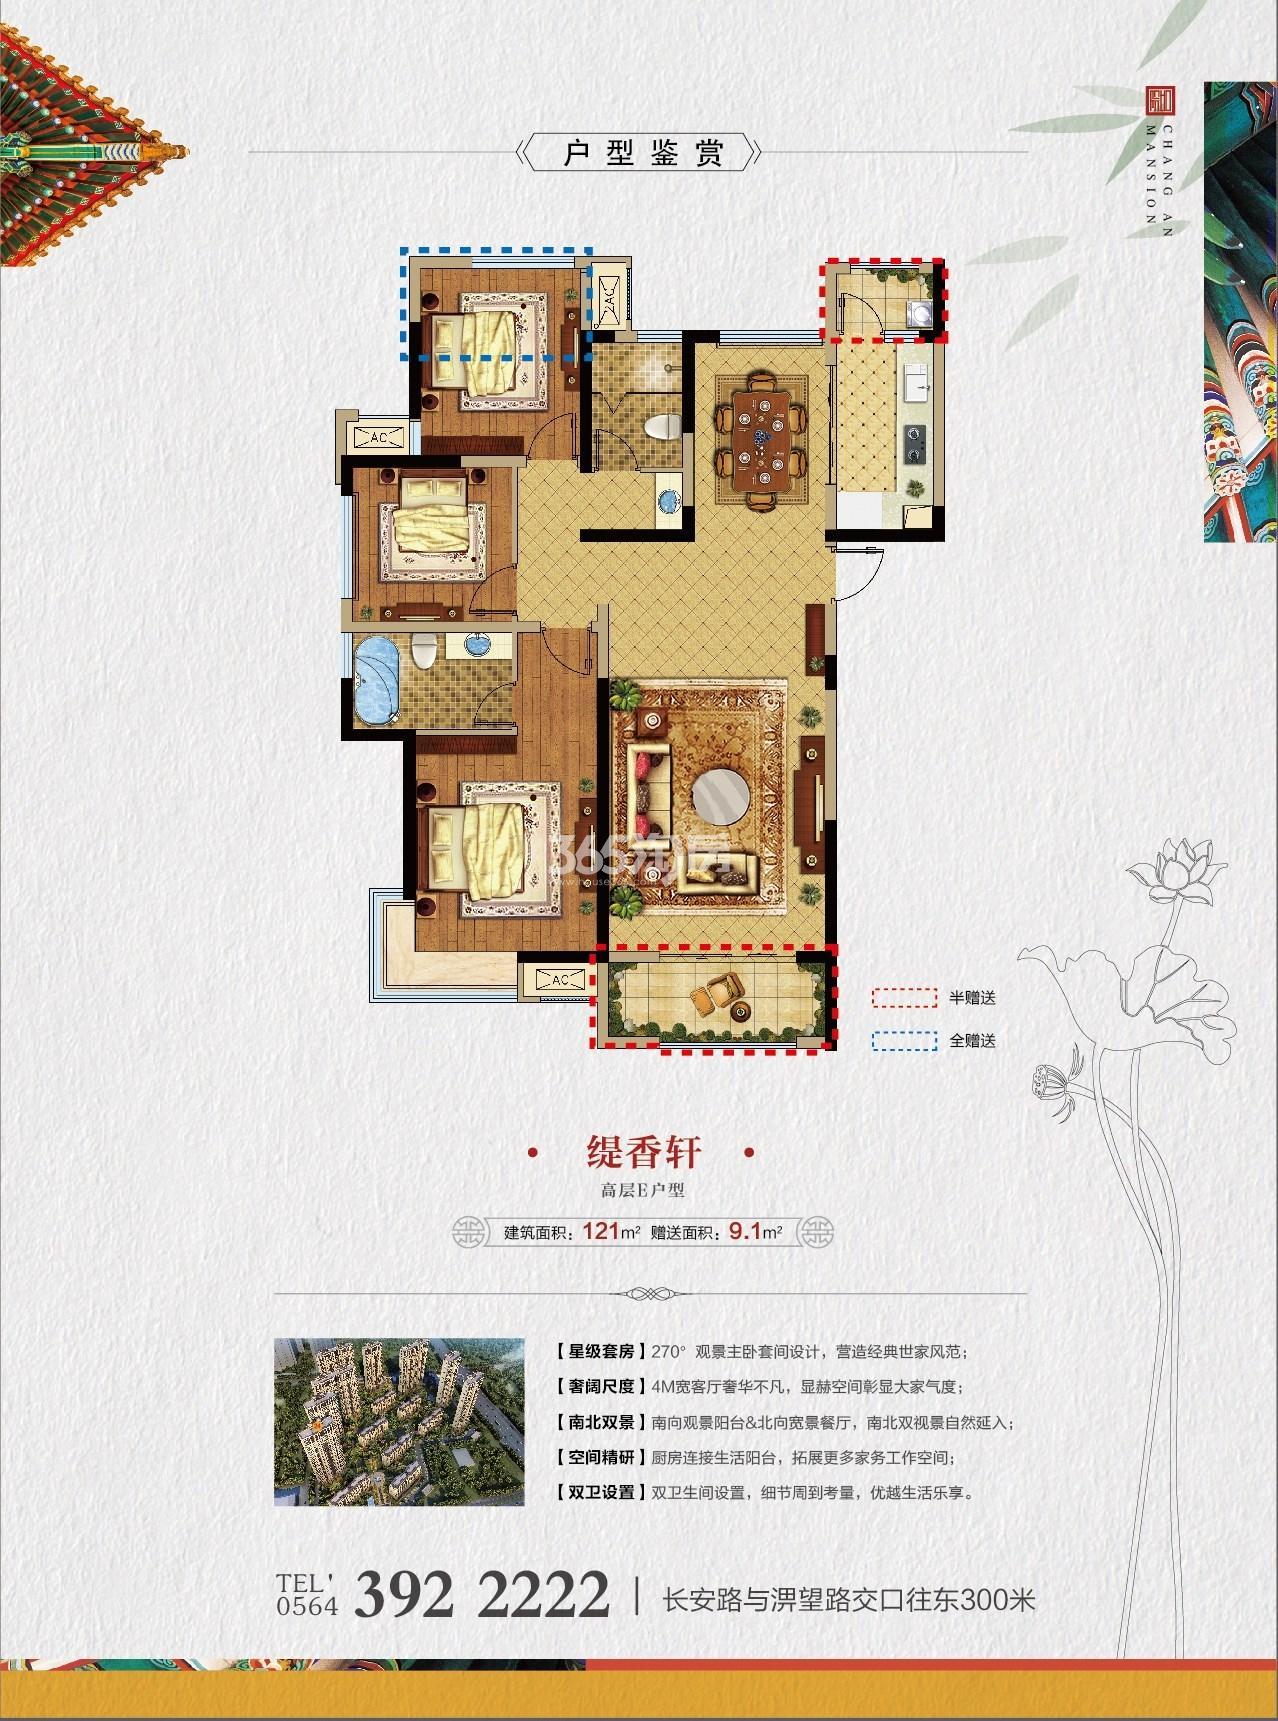 长安城·如院项目缇香轩高层E户型121平米户型图